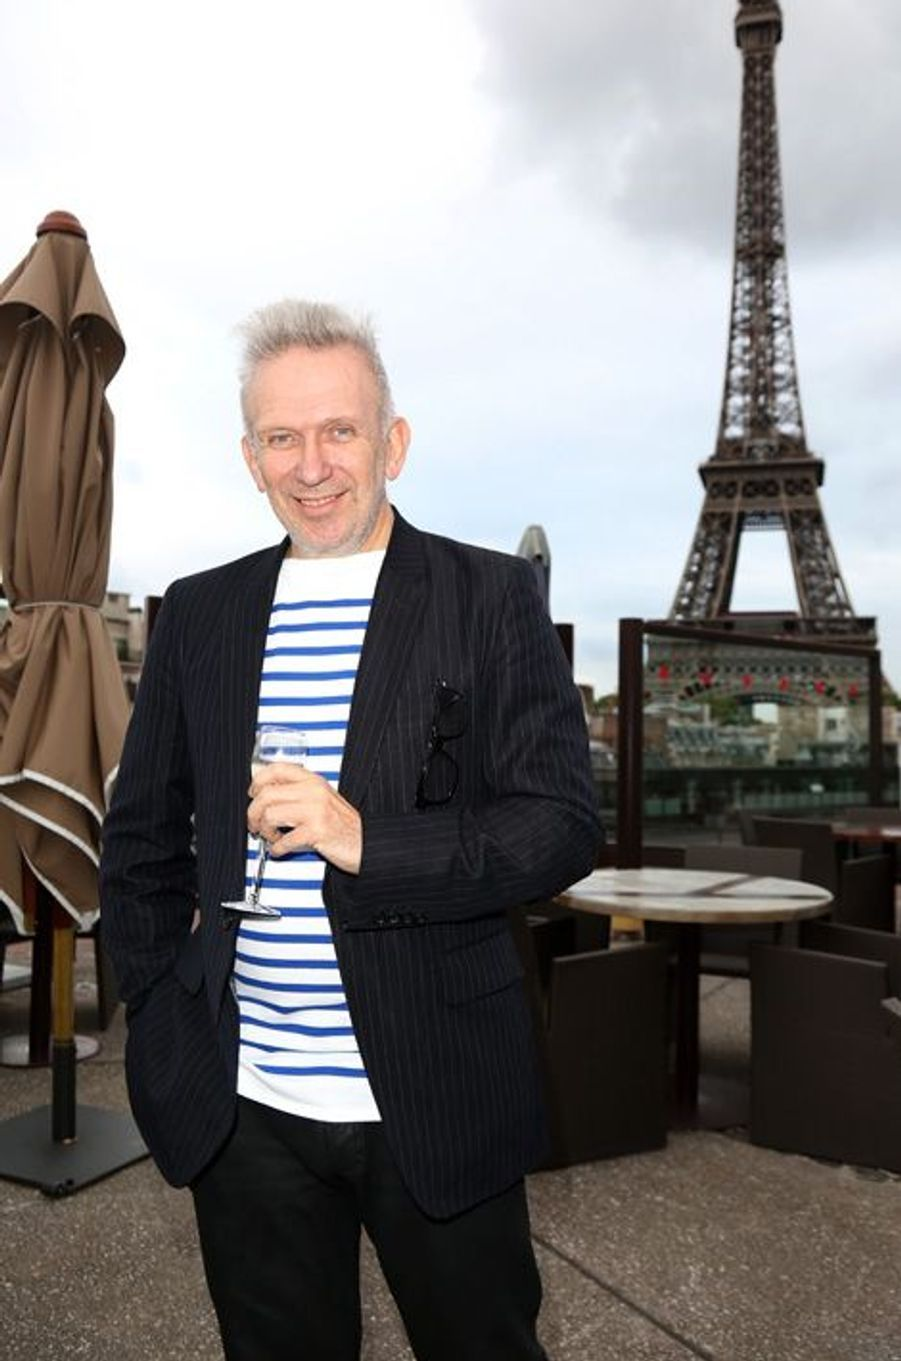 Le président du jury, le créateur de mode Jean Paul Gaultier